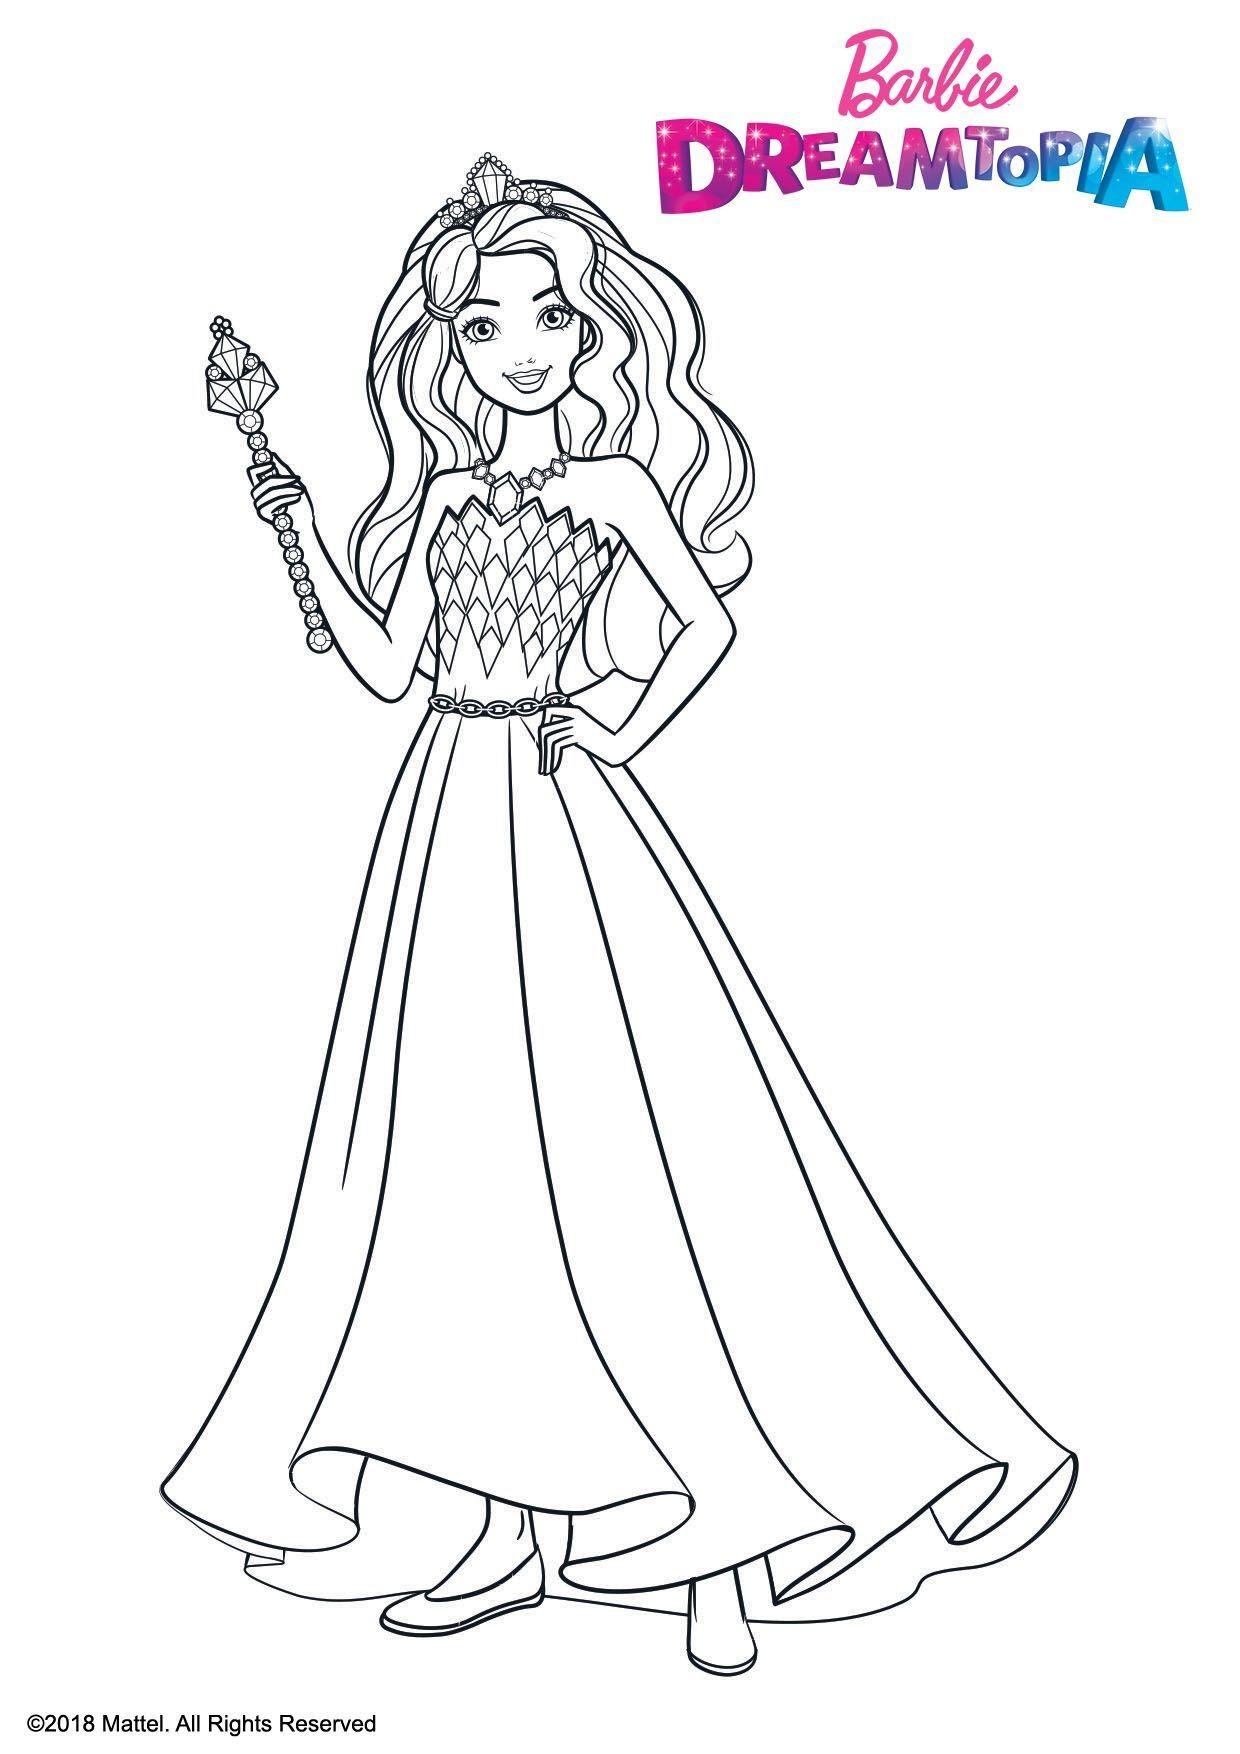 Coloriage Barbie Princesse Pailletes - Coloriage Barbie Dreamtopia - Coloriages Dessins animes